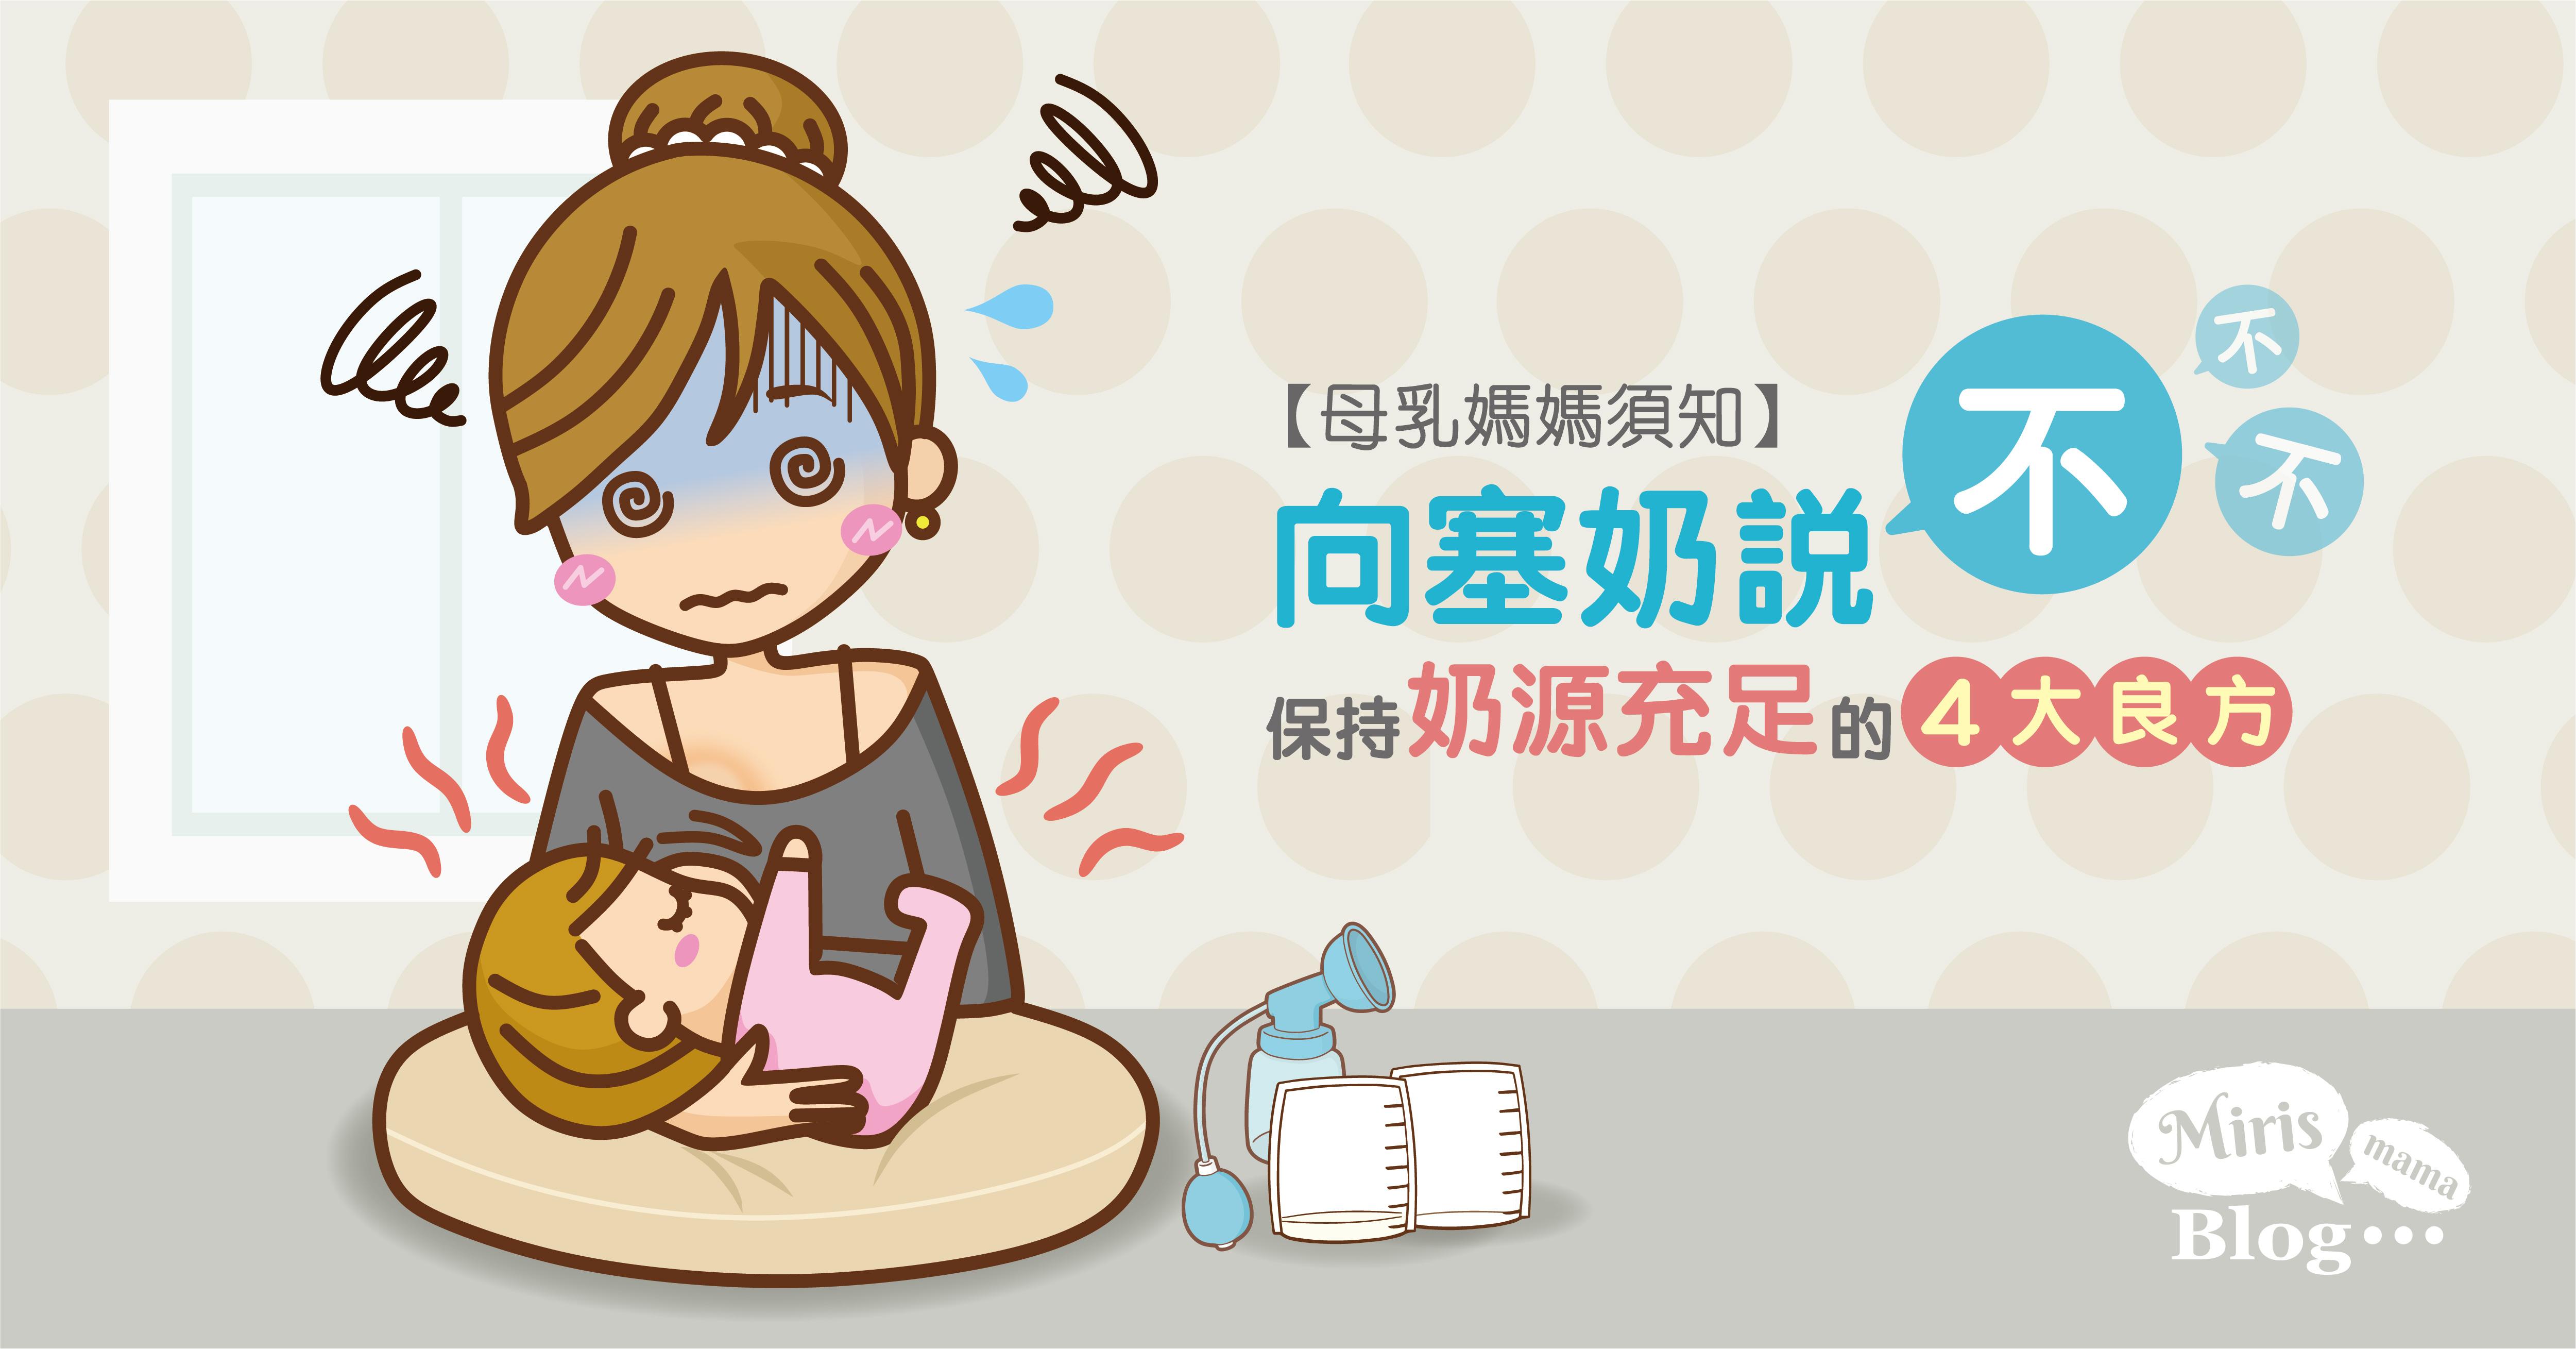 【母乳媽媽須知】向塞奶說不 讓奶水源源不絕的4大要訣